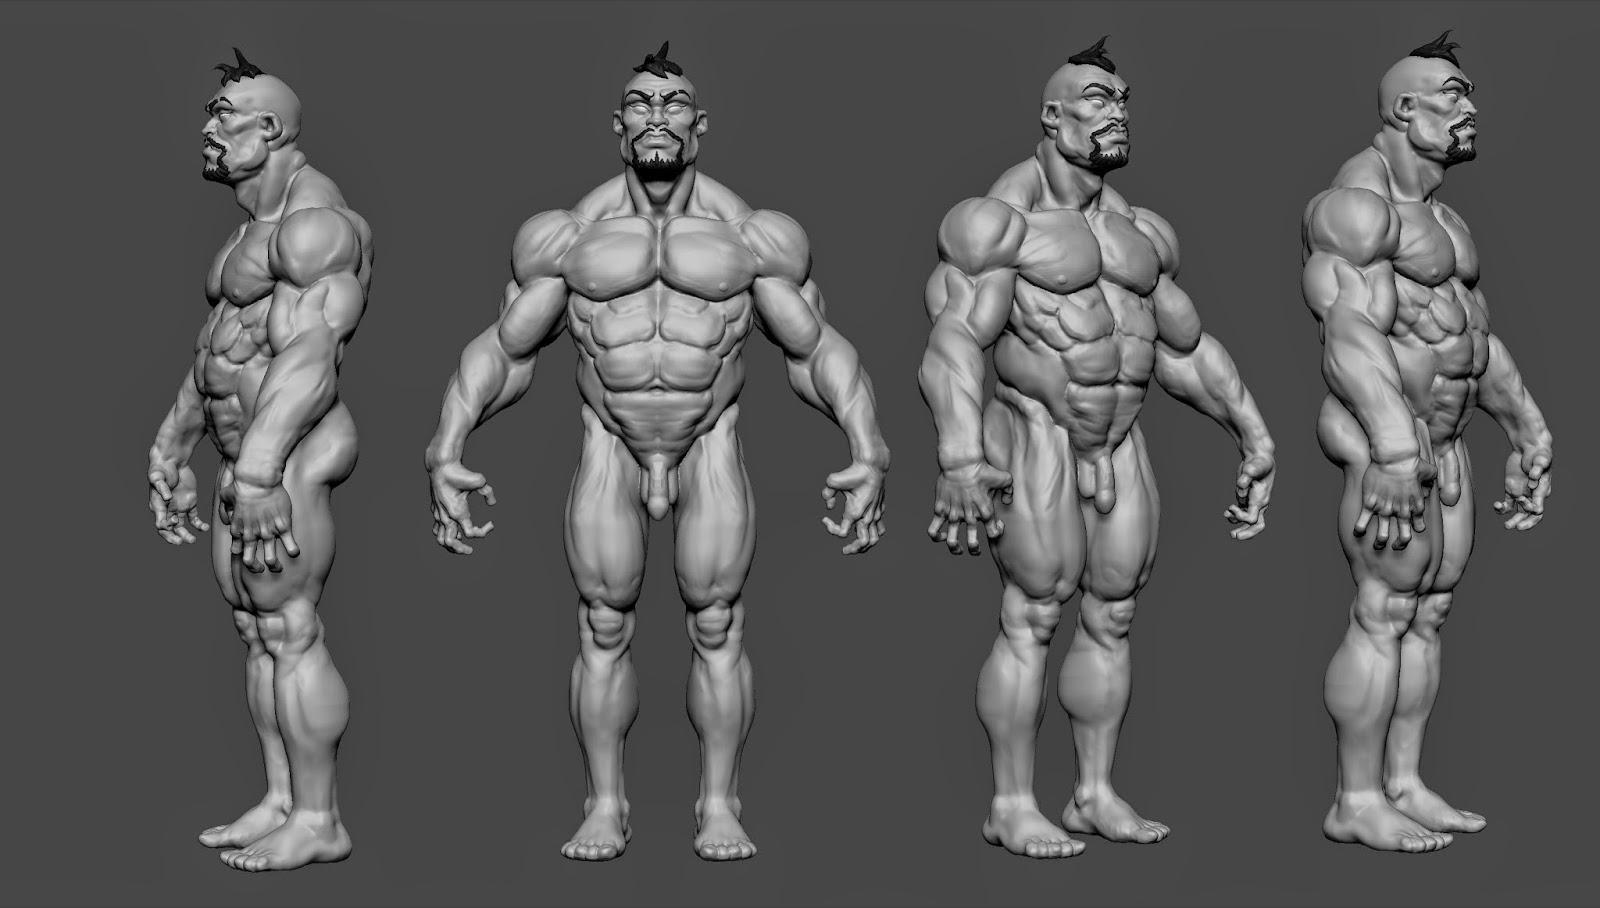 Michel Quach: Male Anatomy, concept by Kim Jung Gi